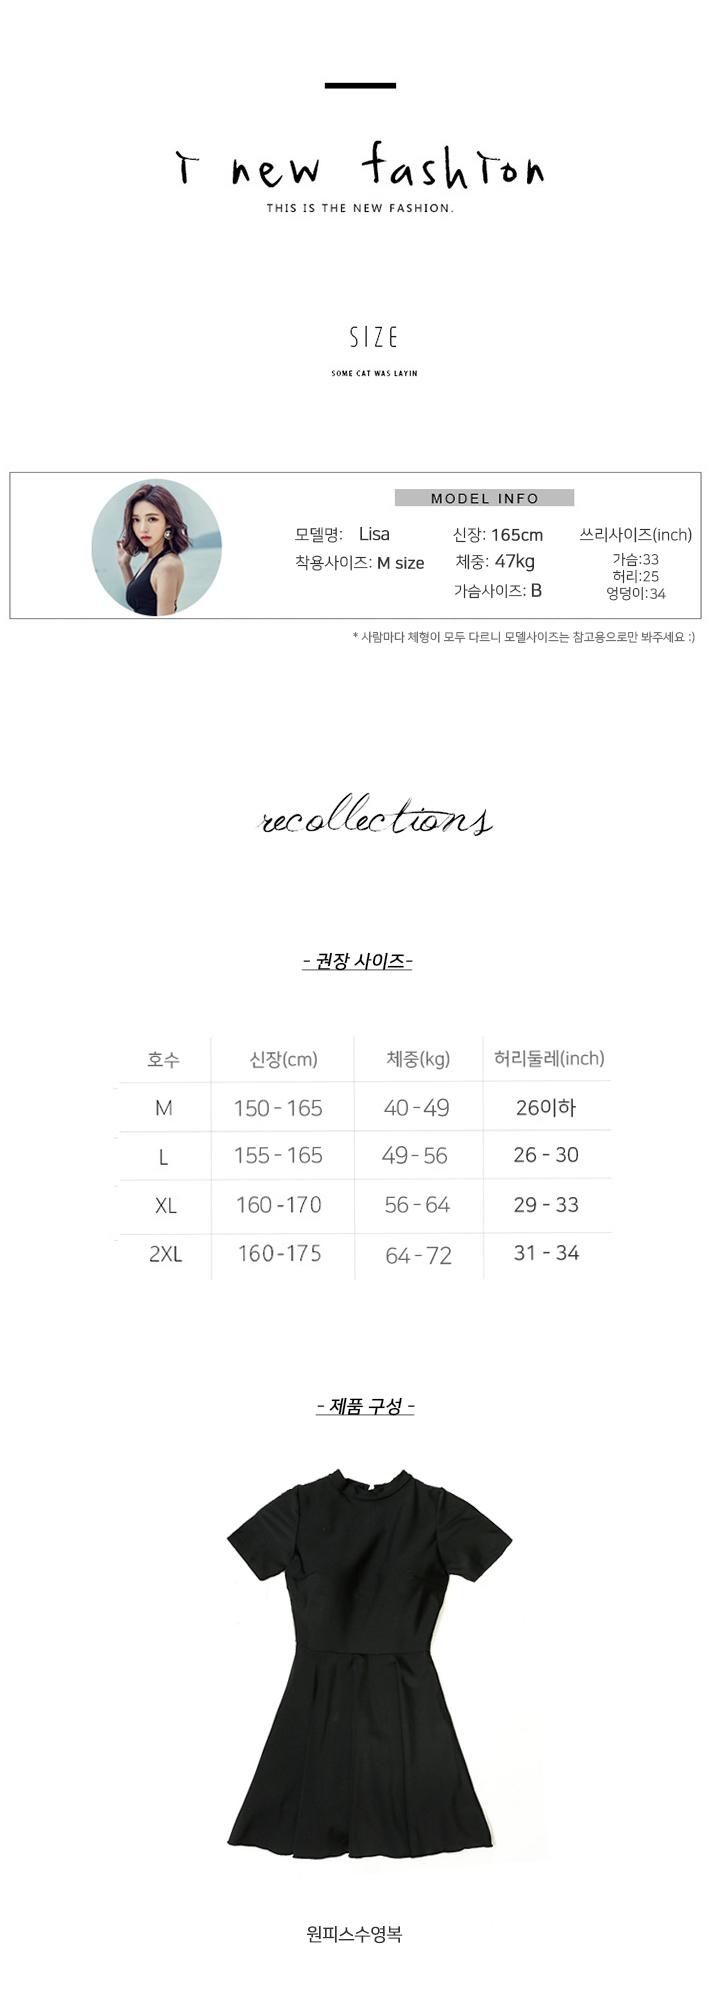 블랙 플레어 반팔 여성 섹시백 빅사이즈 원피스 수영복 1종 커버업 - 리빙잇템, 29,000원, 여성비치웨어, 원피스